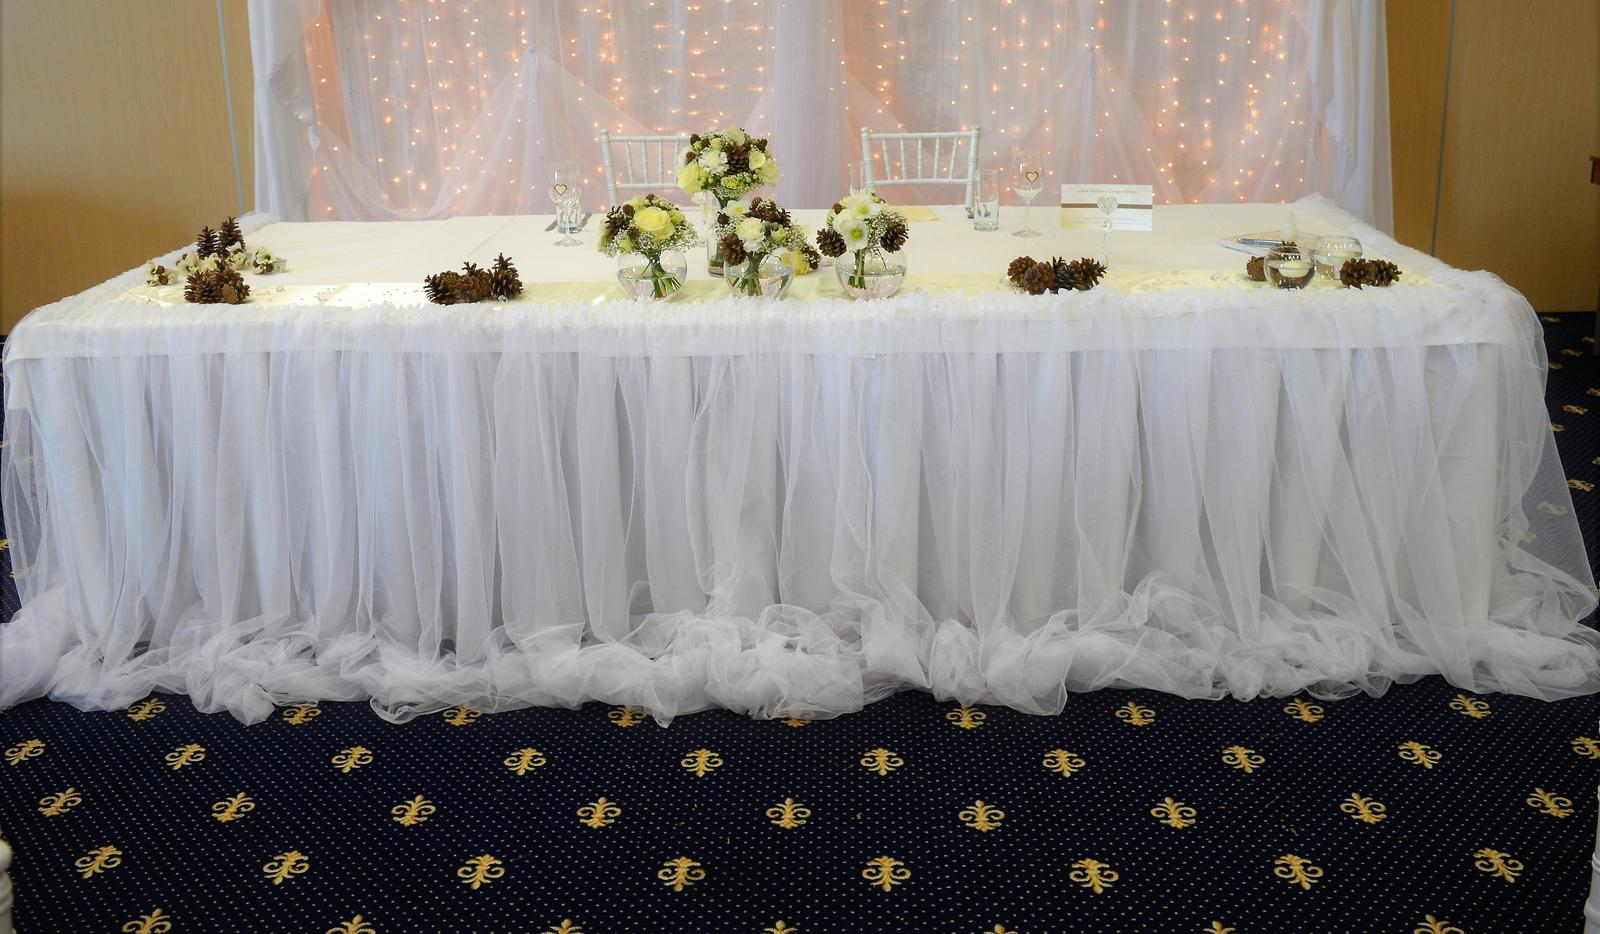 Tutu sukna na hlavný stol prenájom - Obrázok č. 4